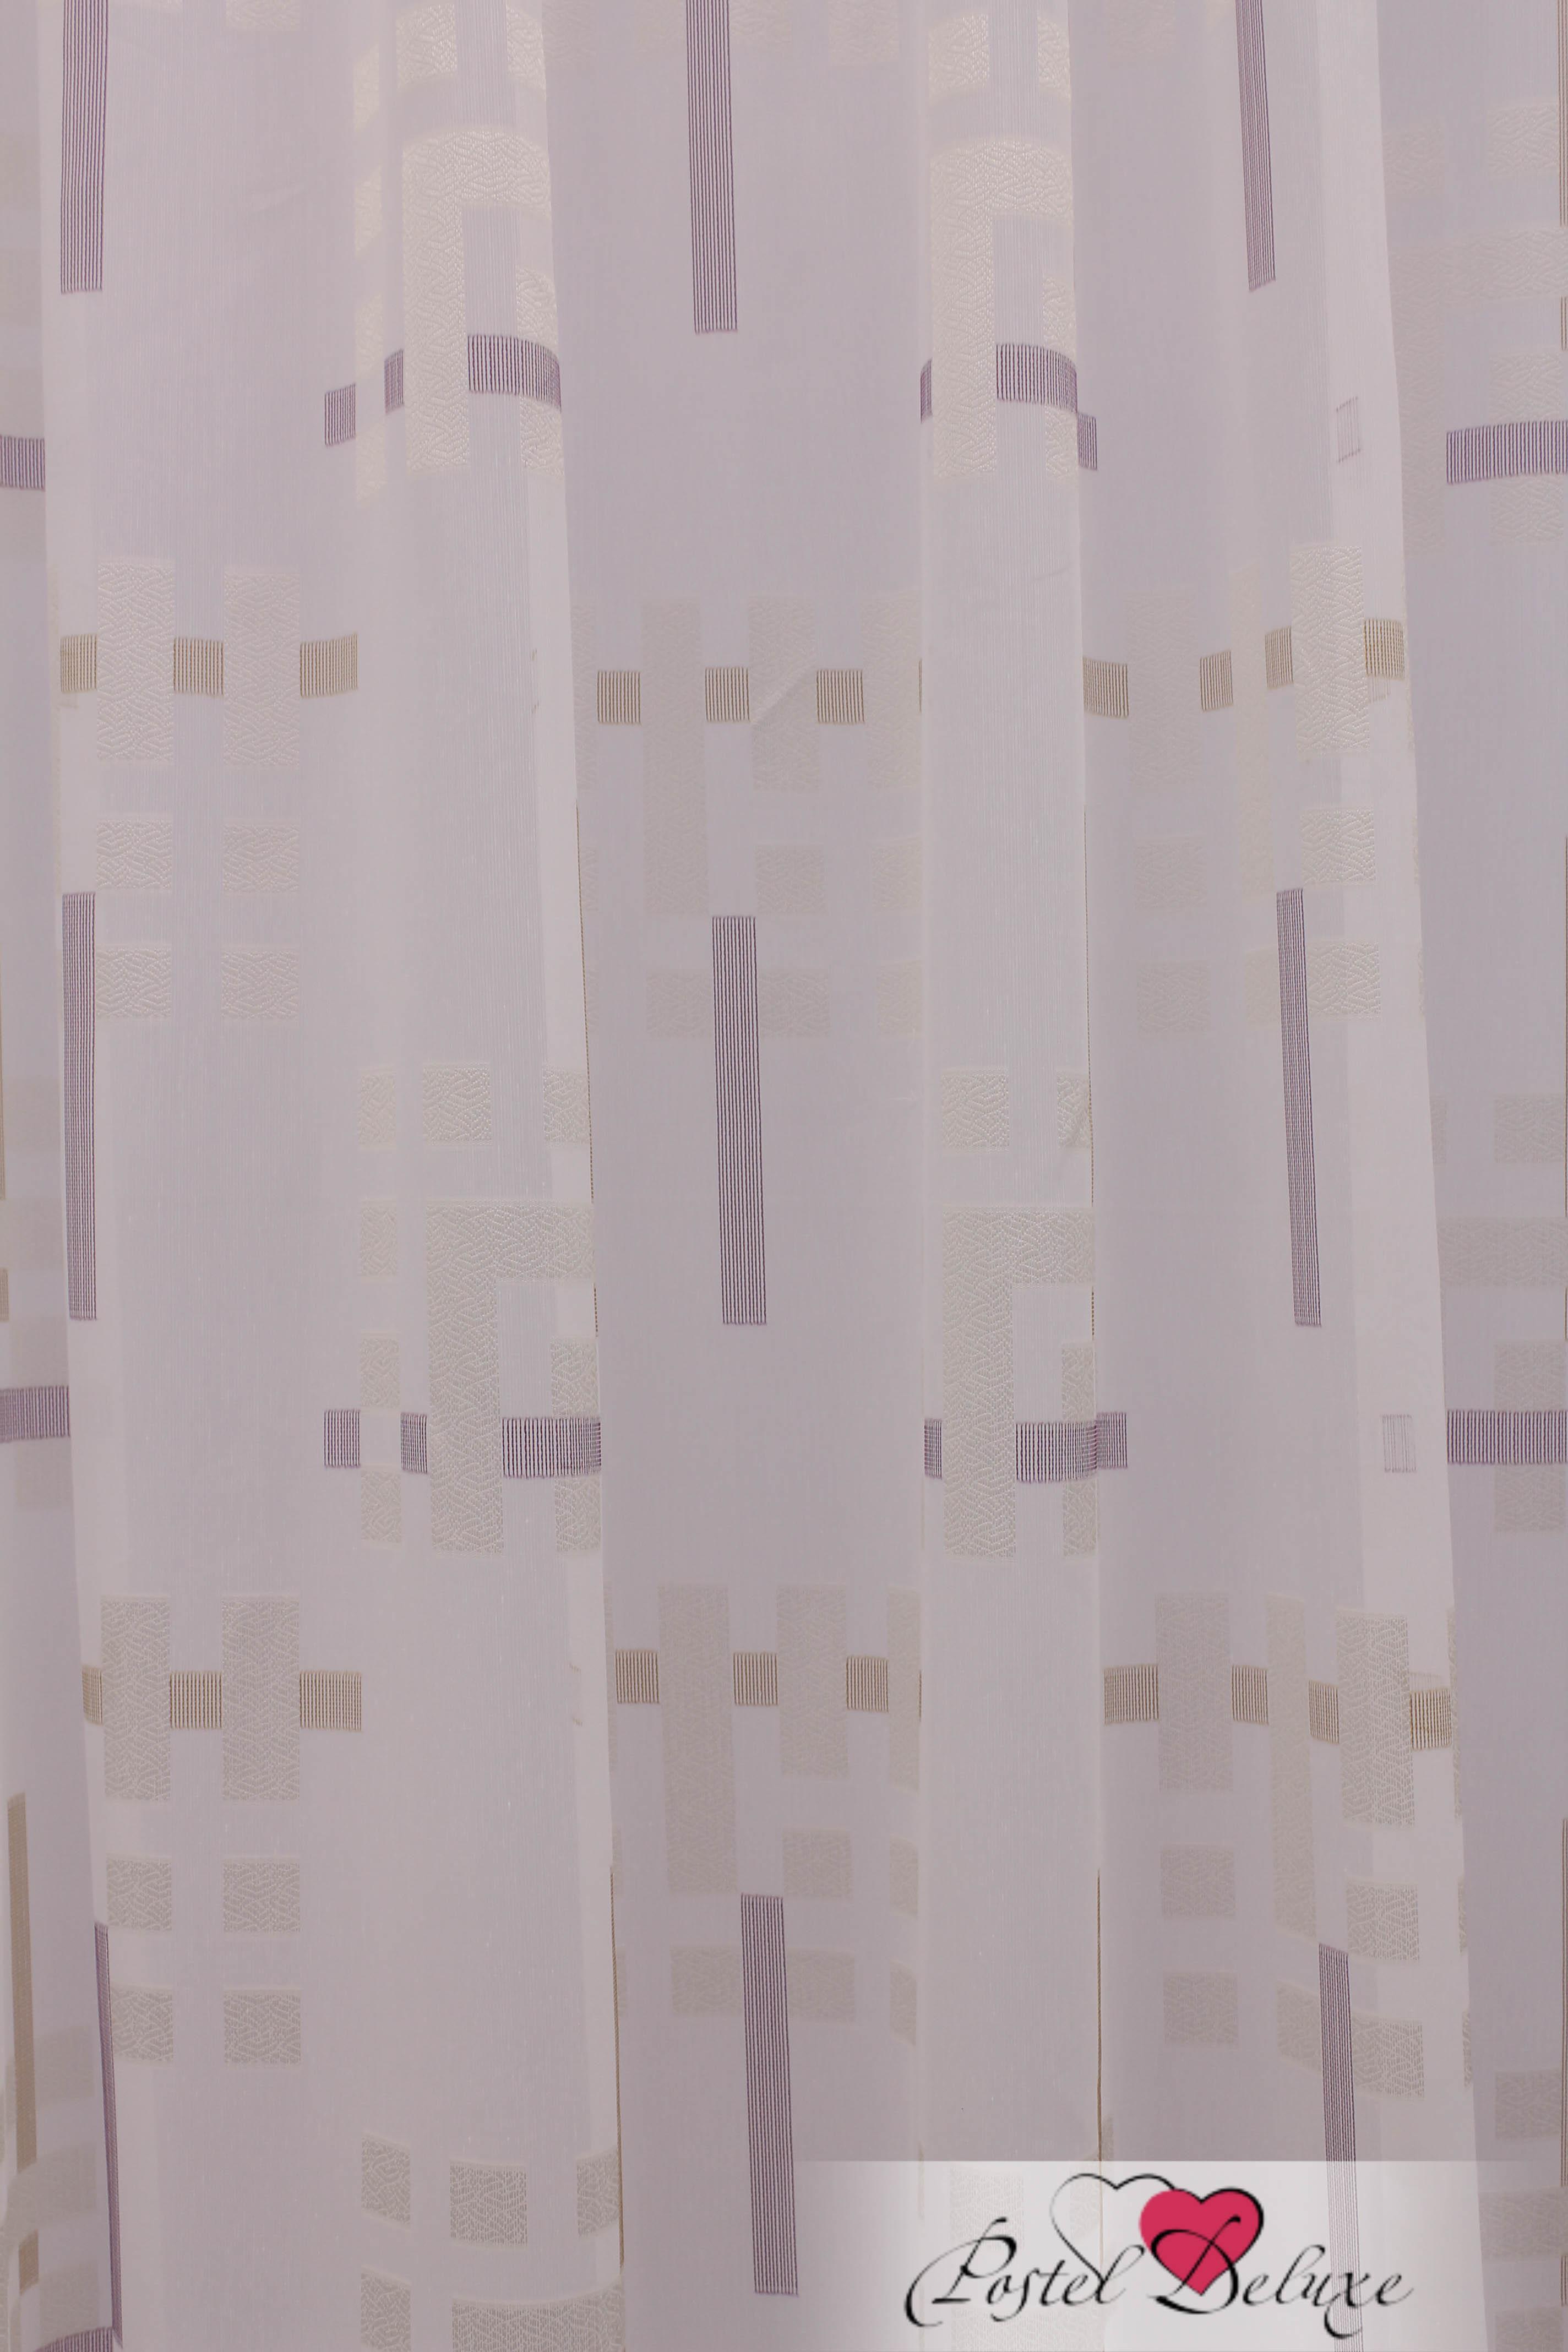 Шторы Sanpa Классические шторы Квадро Цвет: Сиреневый sanpa sanpa классические шторы квадро цвет голубой